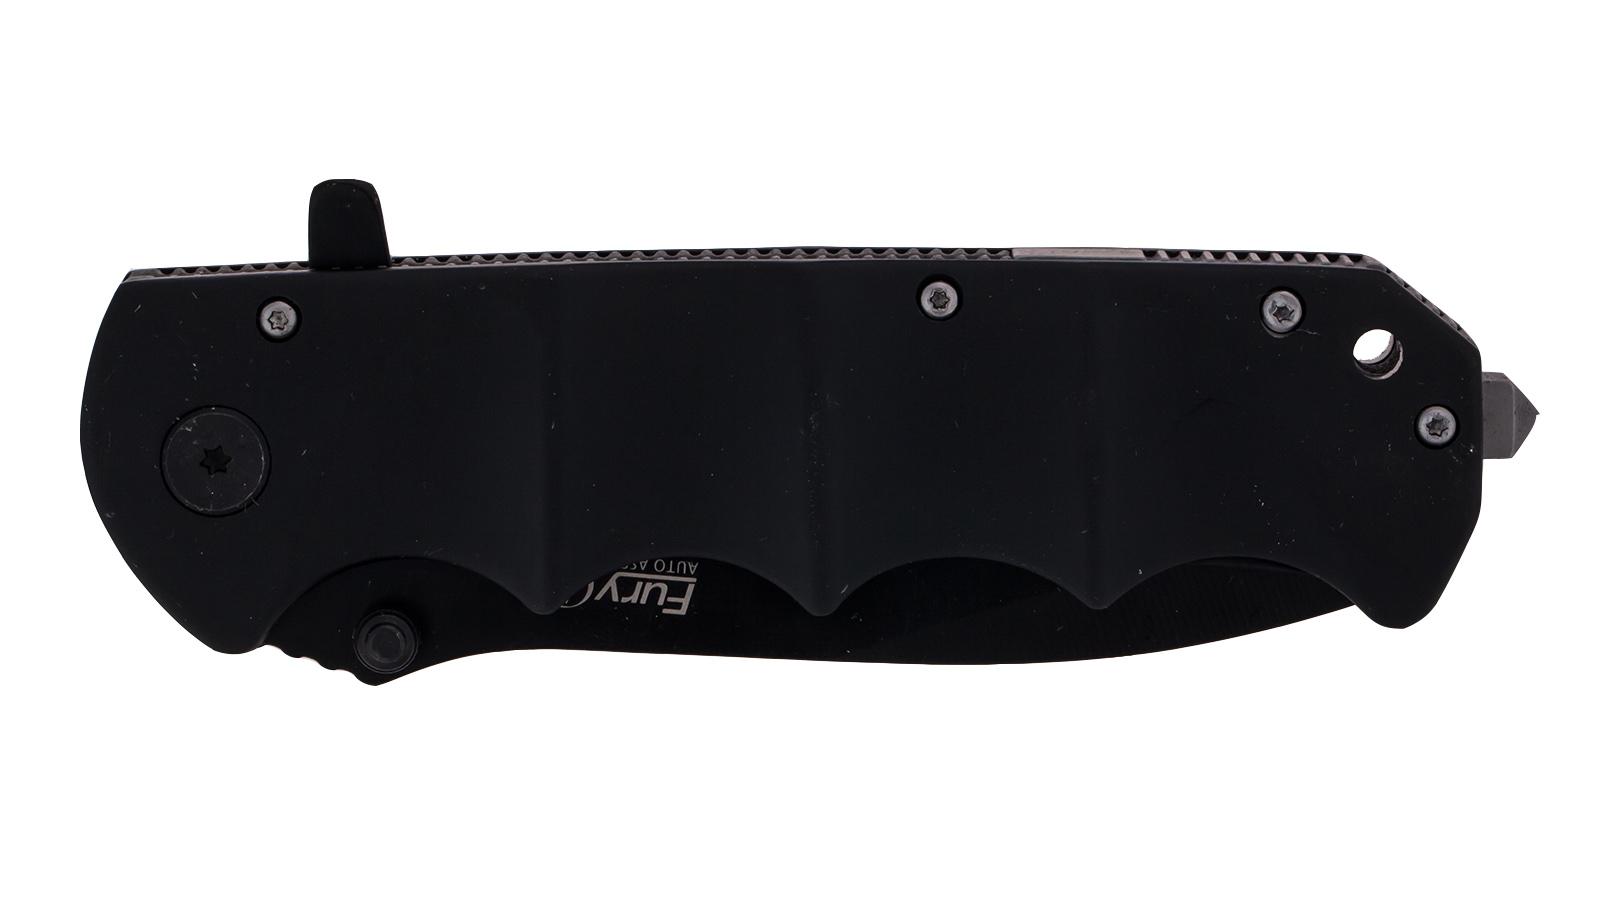 Тактическо-спасательный нож Fury Knives Tactical 99104 EMS - заказать с доставкой